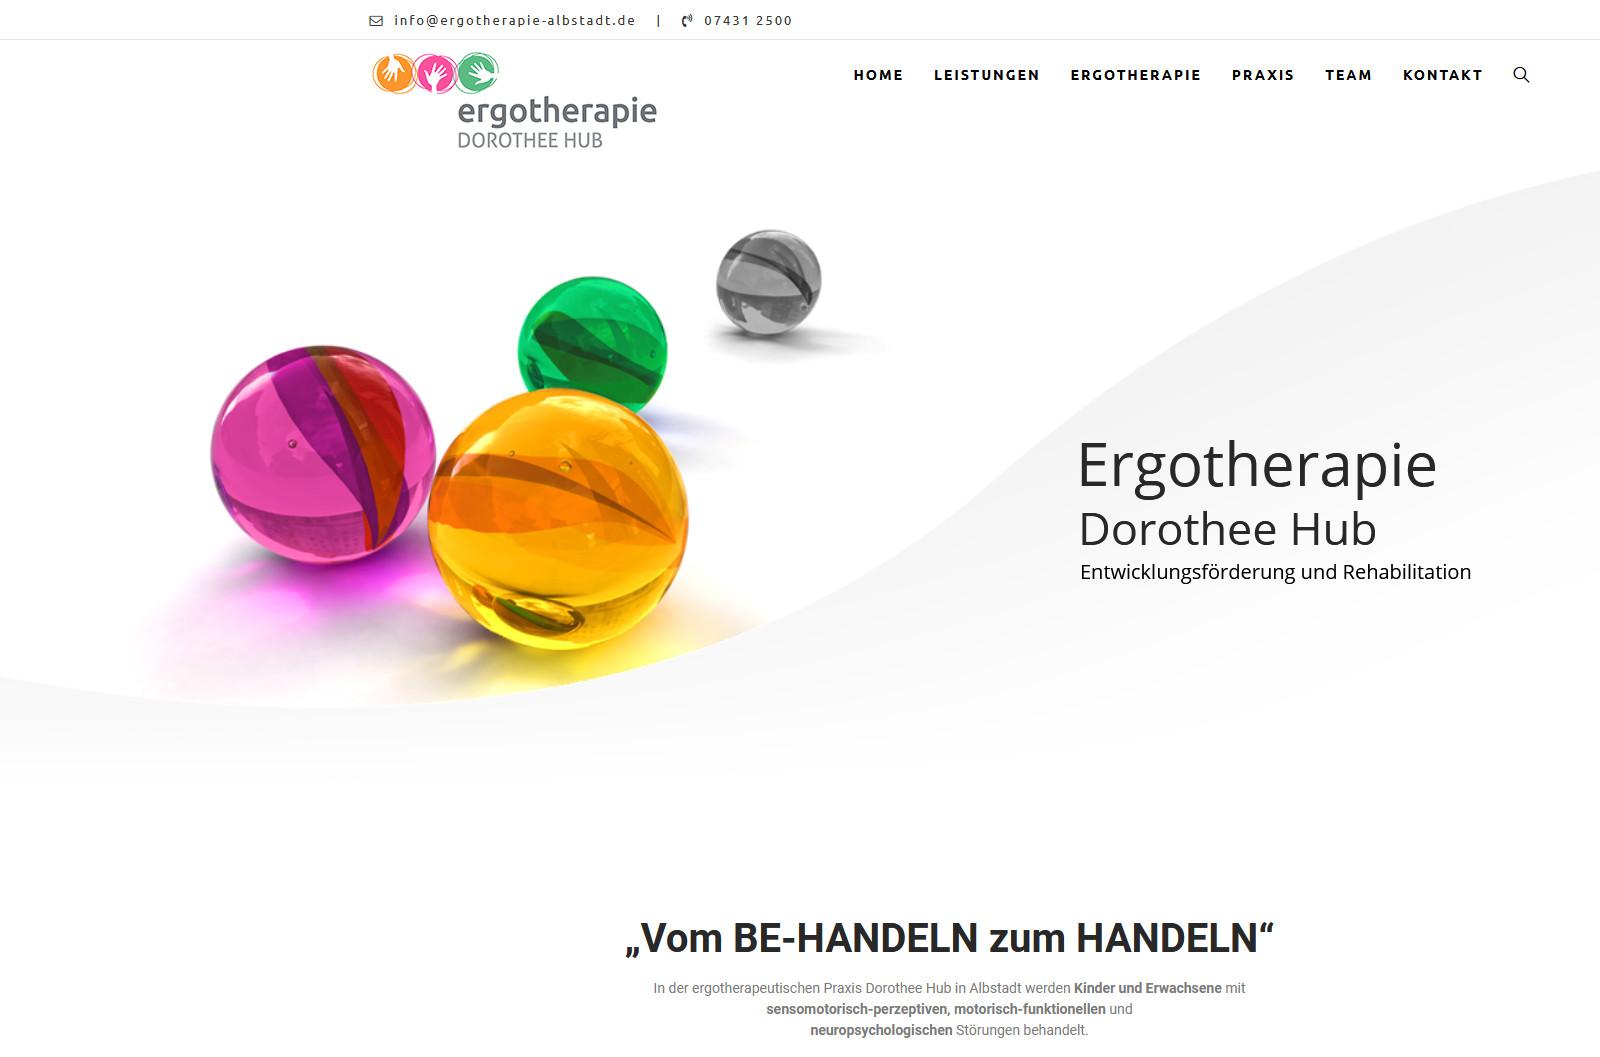 Startseite von ergotherapie-albstadt.de